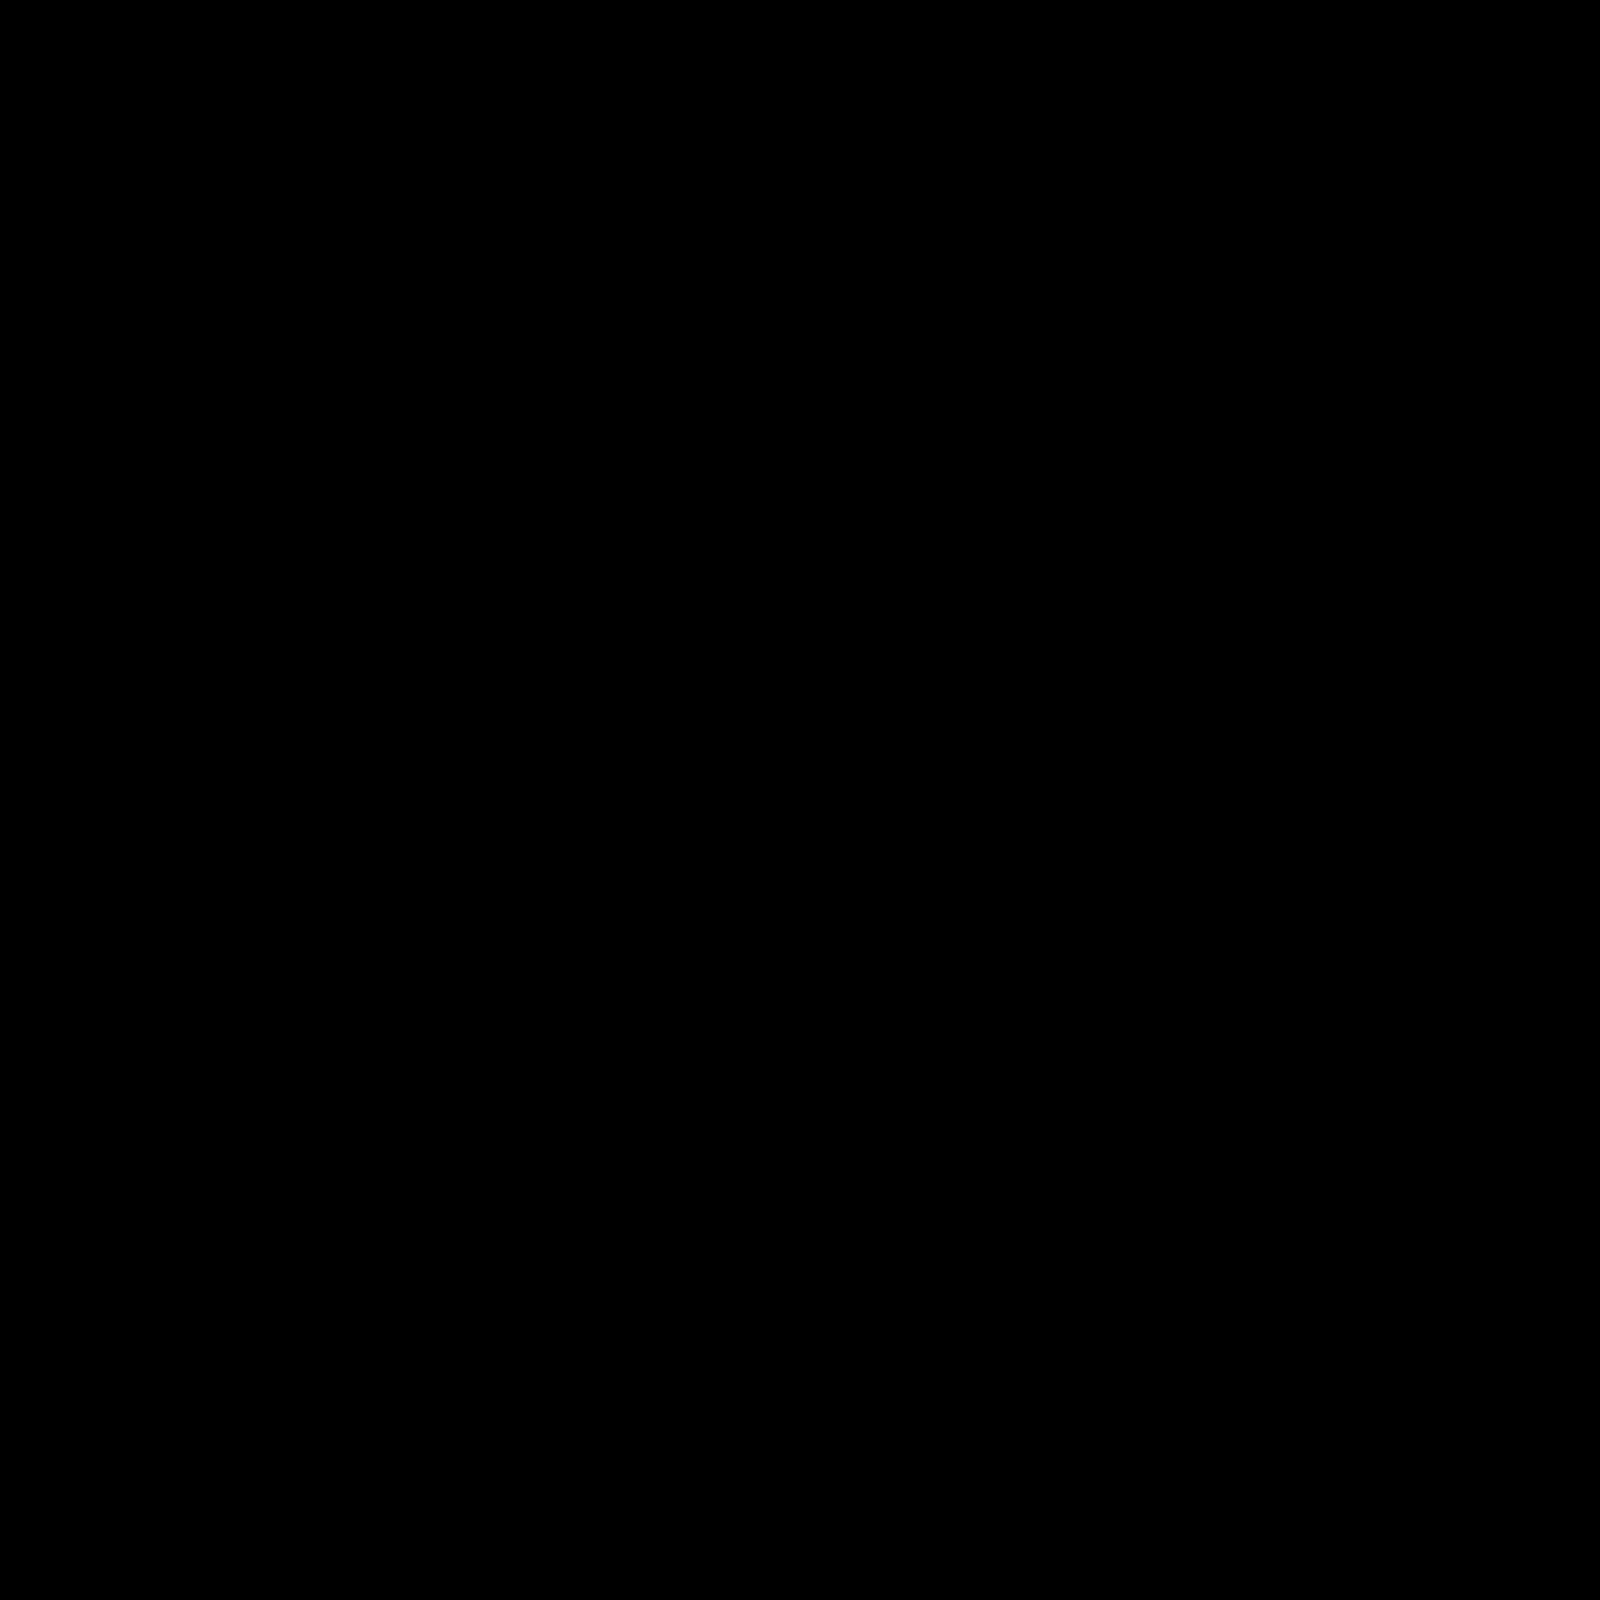 Gruba strzałka skierowana w górę icon